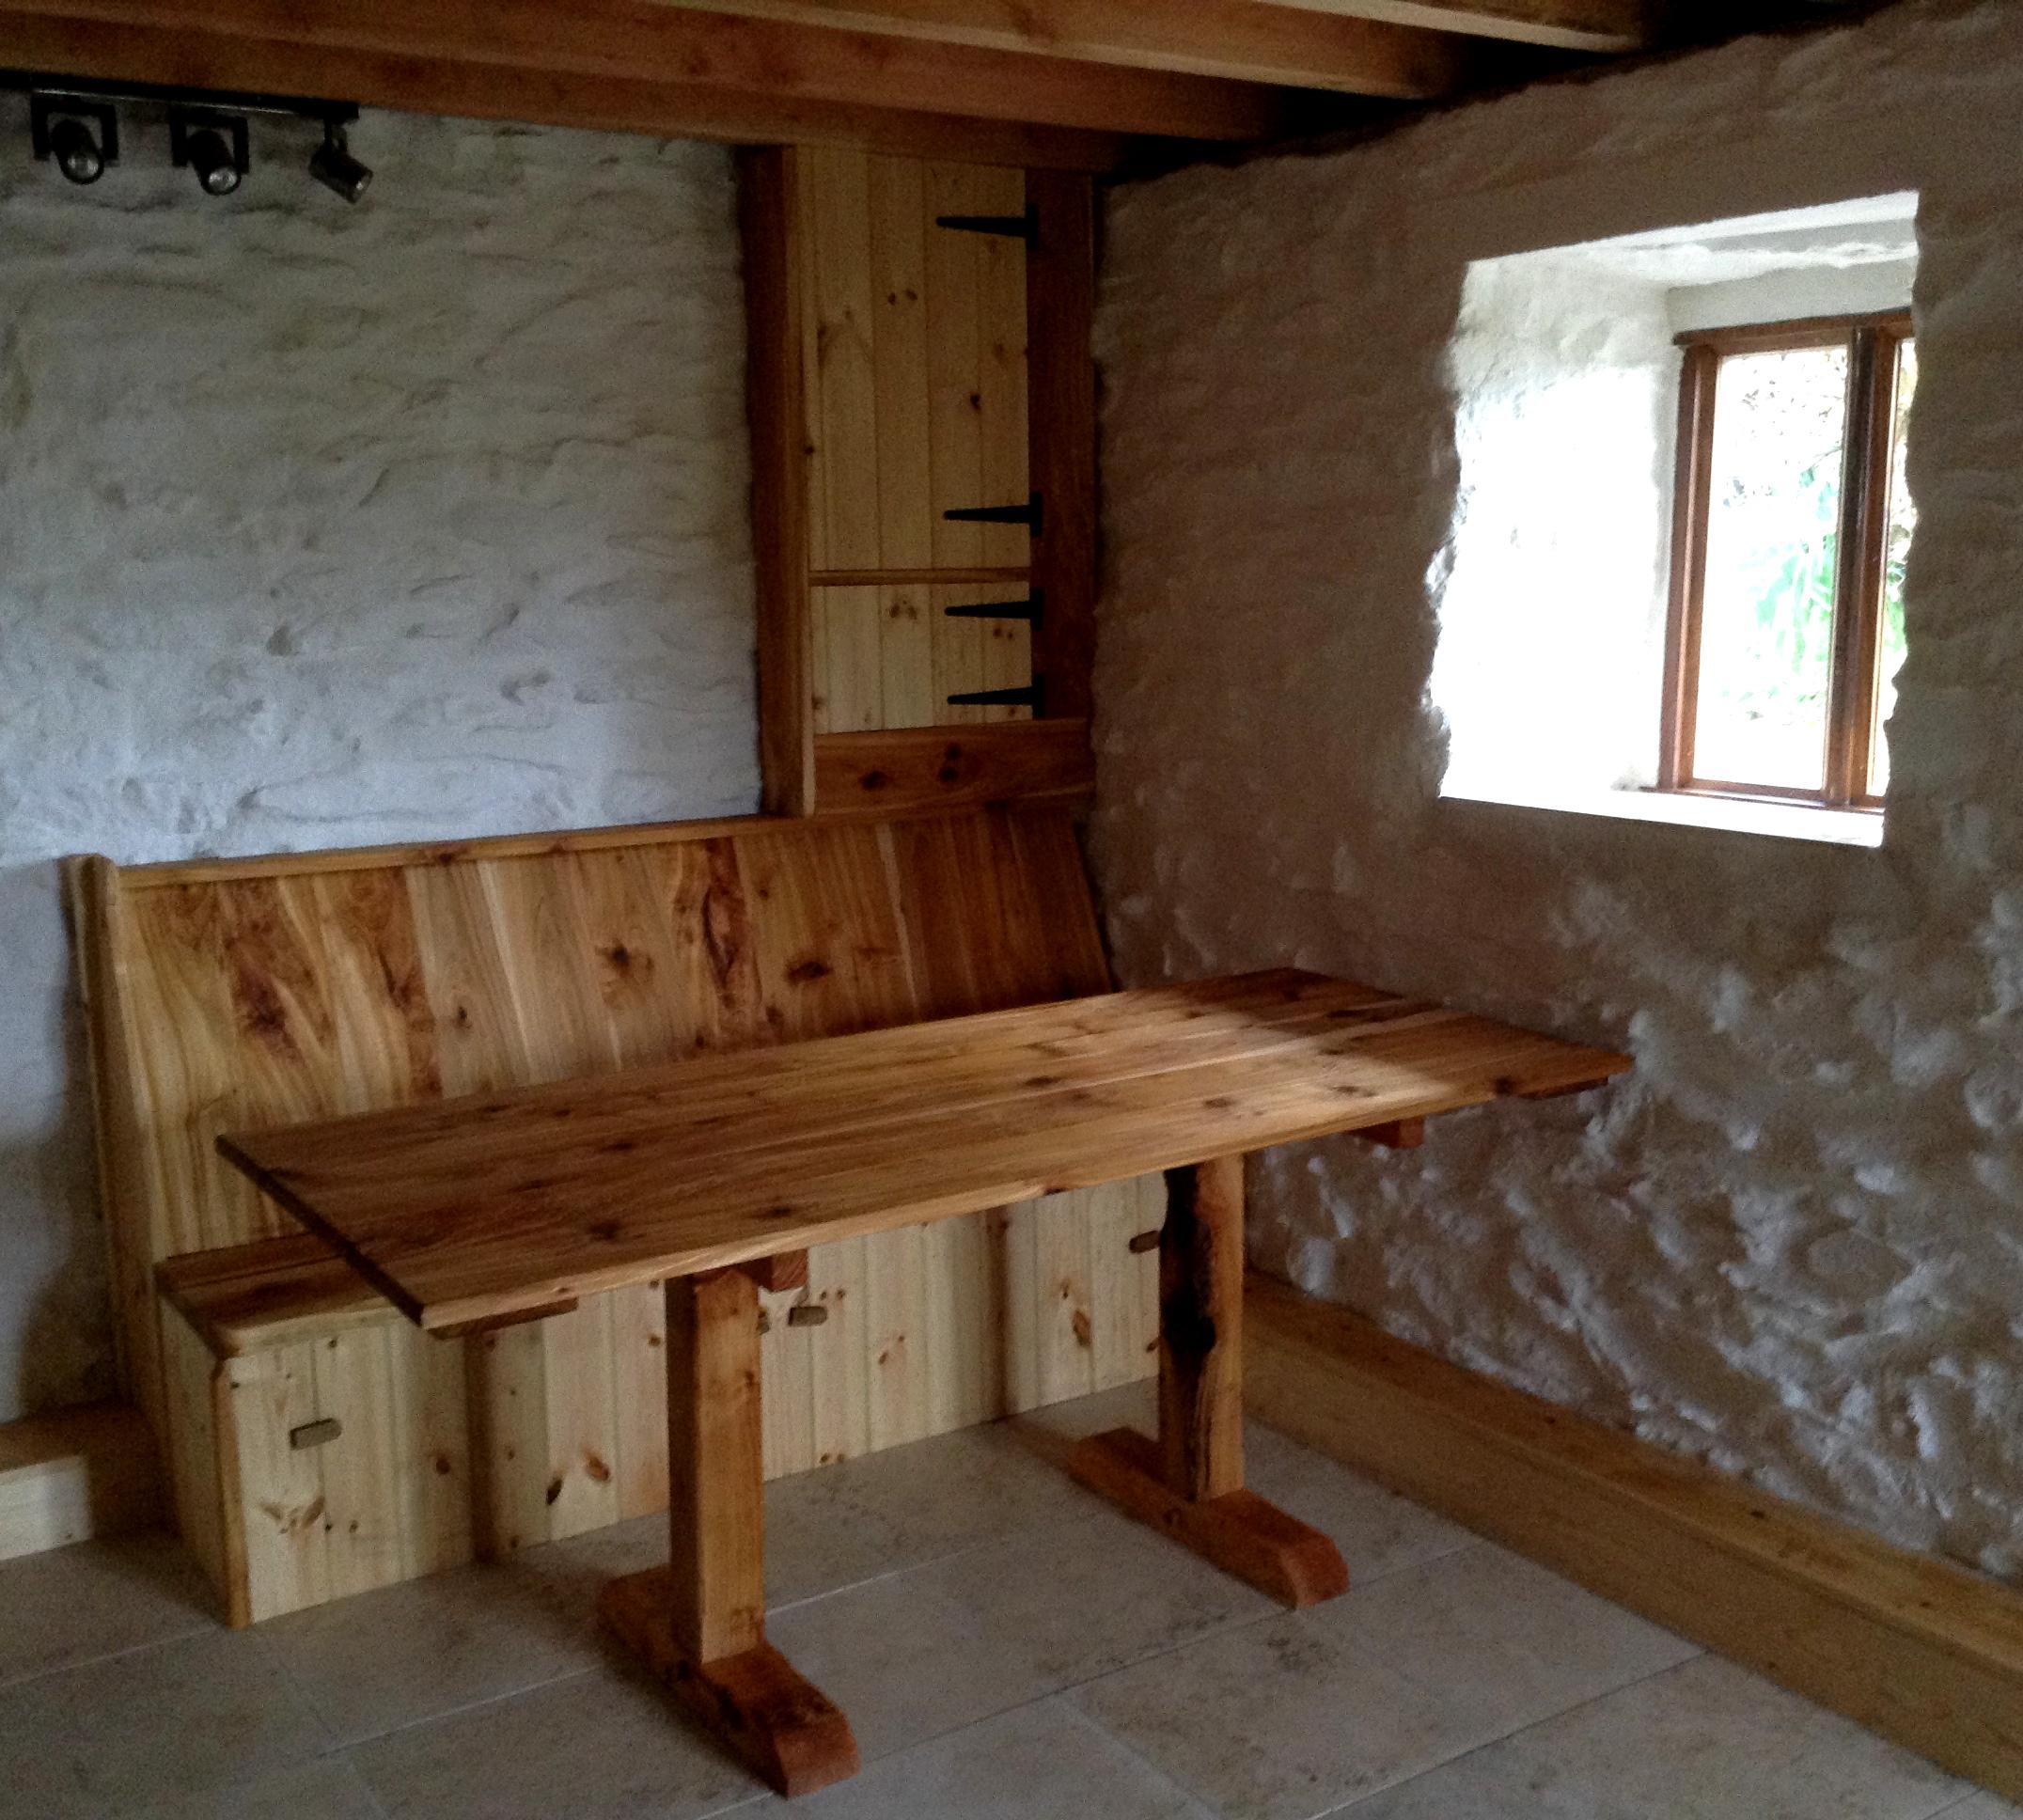 Campsite kitchen barn conversion.